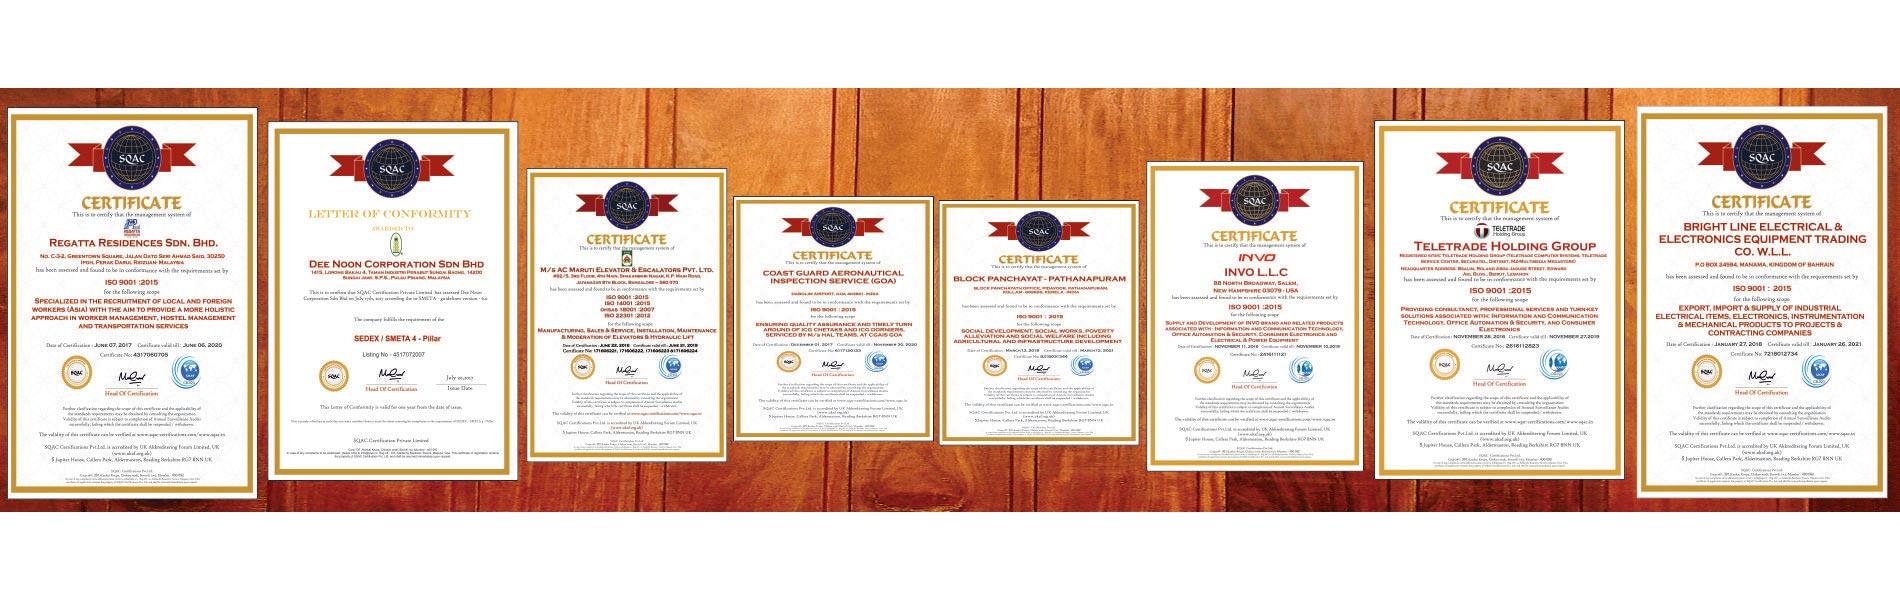 SQAC Certification Pvt. Ltd.